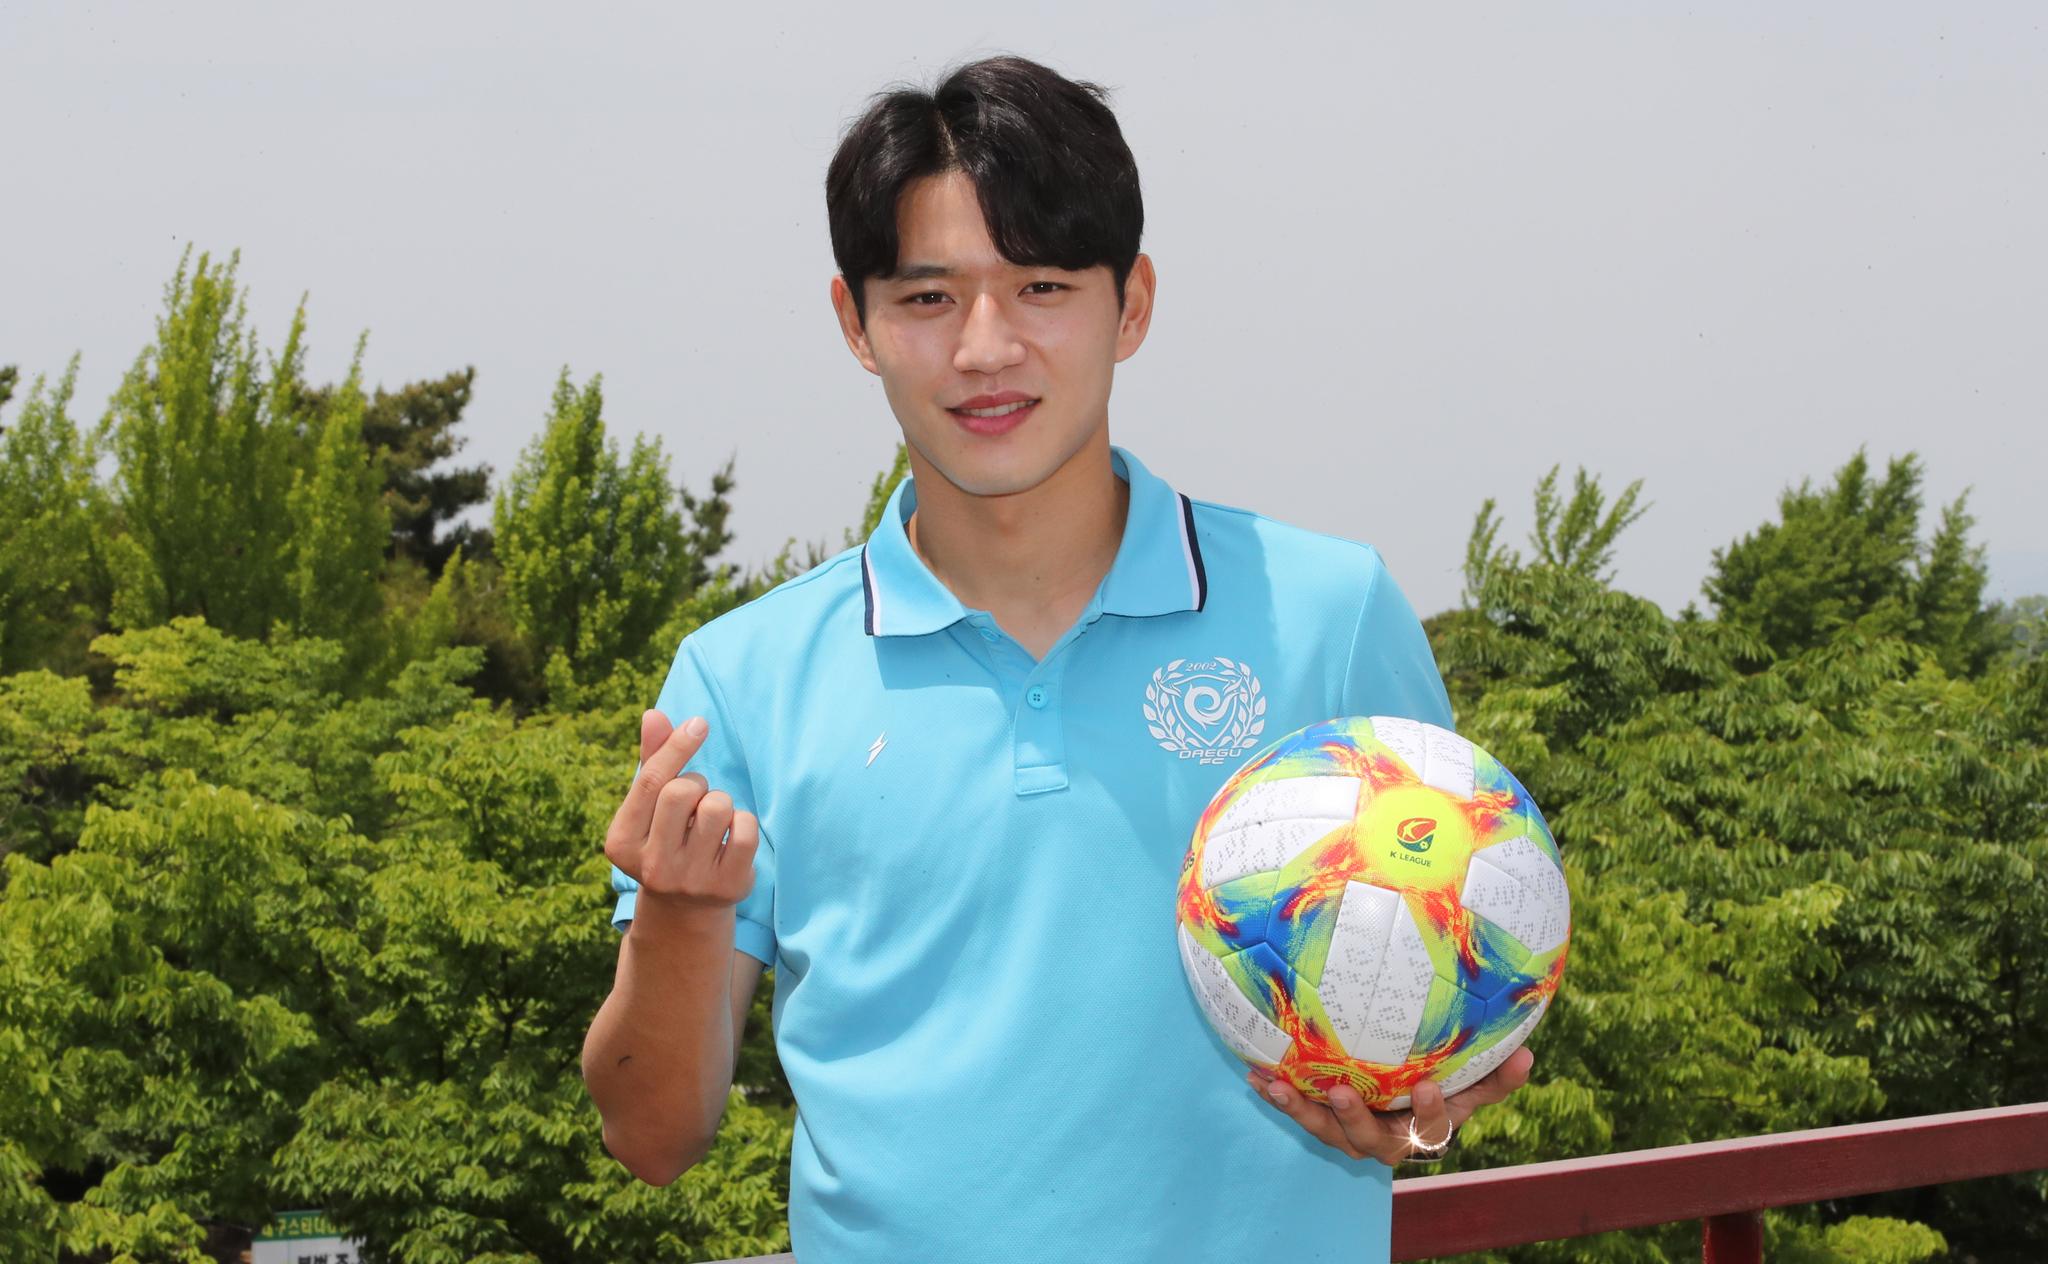 아이돌 버금가는 외모에 뛰어난 축구 실력까지 겸비한 대구 FC 정승원. [송봉근 기자]